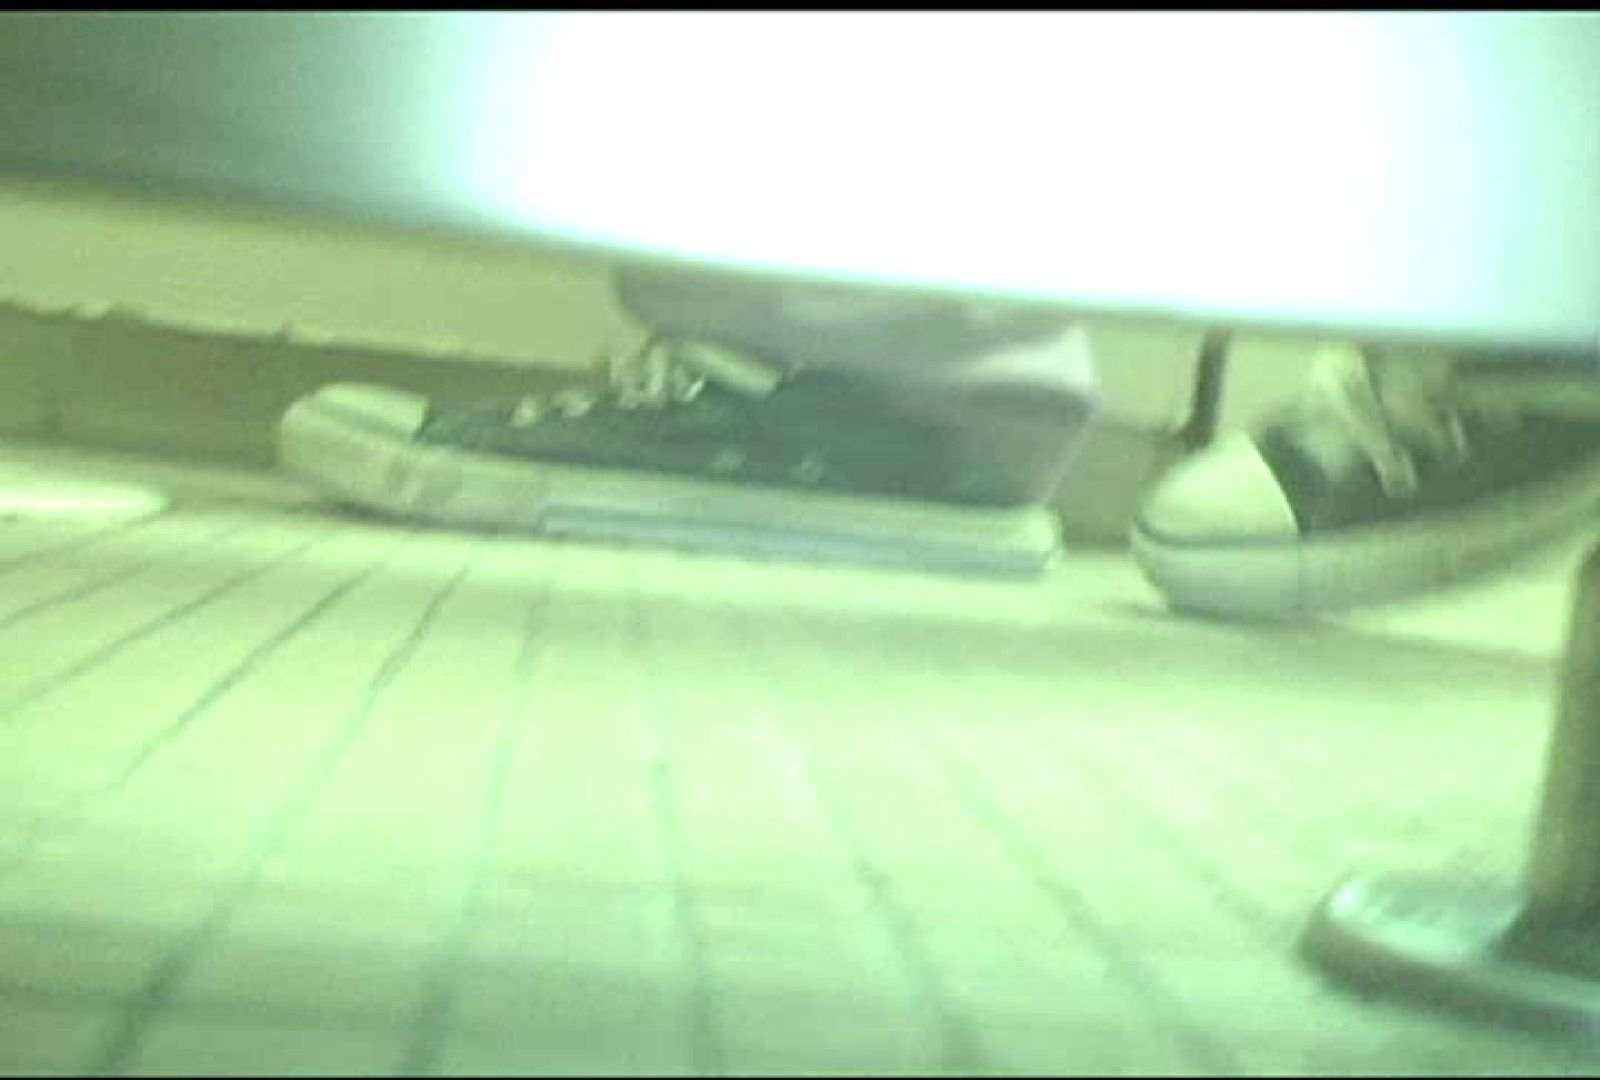 マンコ丸見え女子洗面所Vol.48 無修正マンコ オマンコ動画キャプチャ 86PIX 14